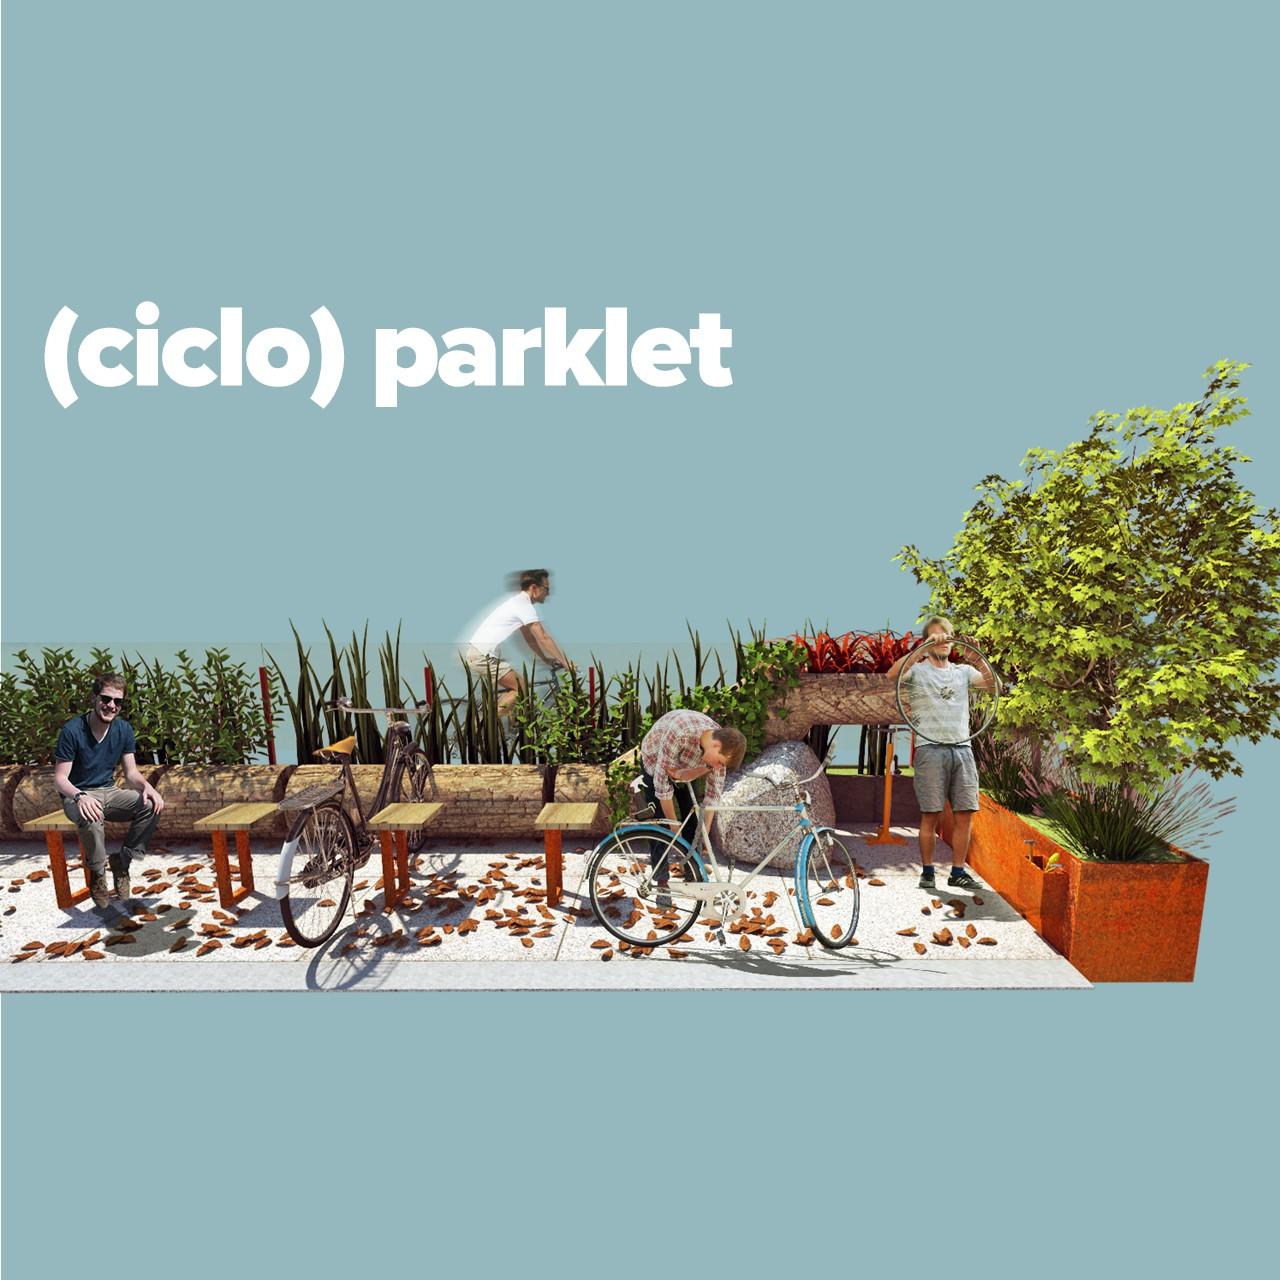 Ciclo Parklet